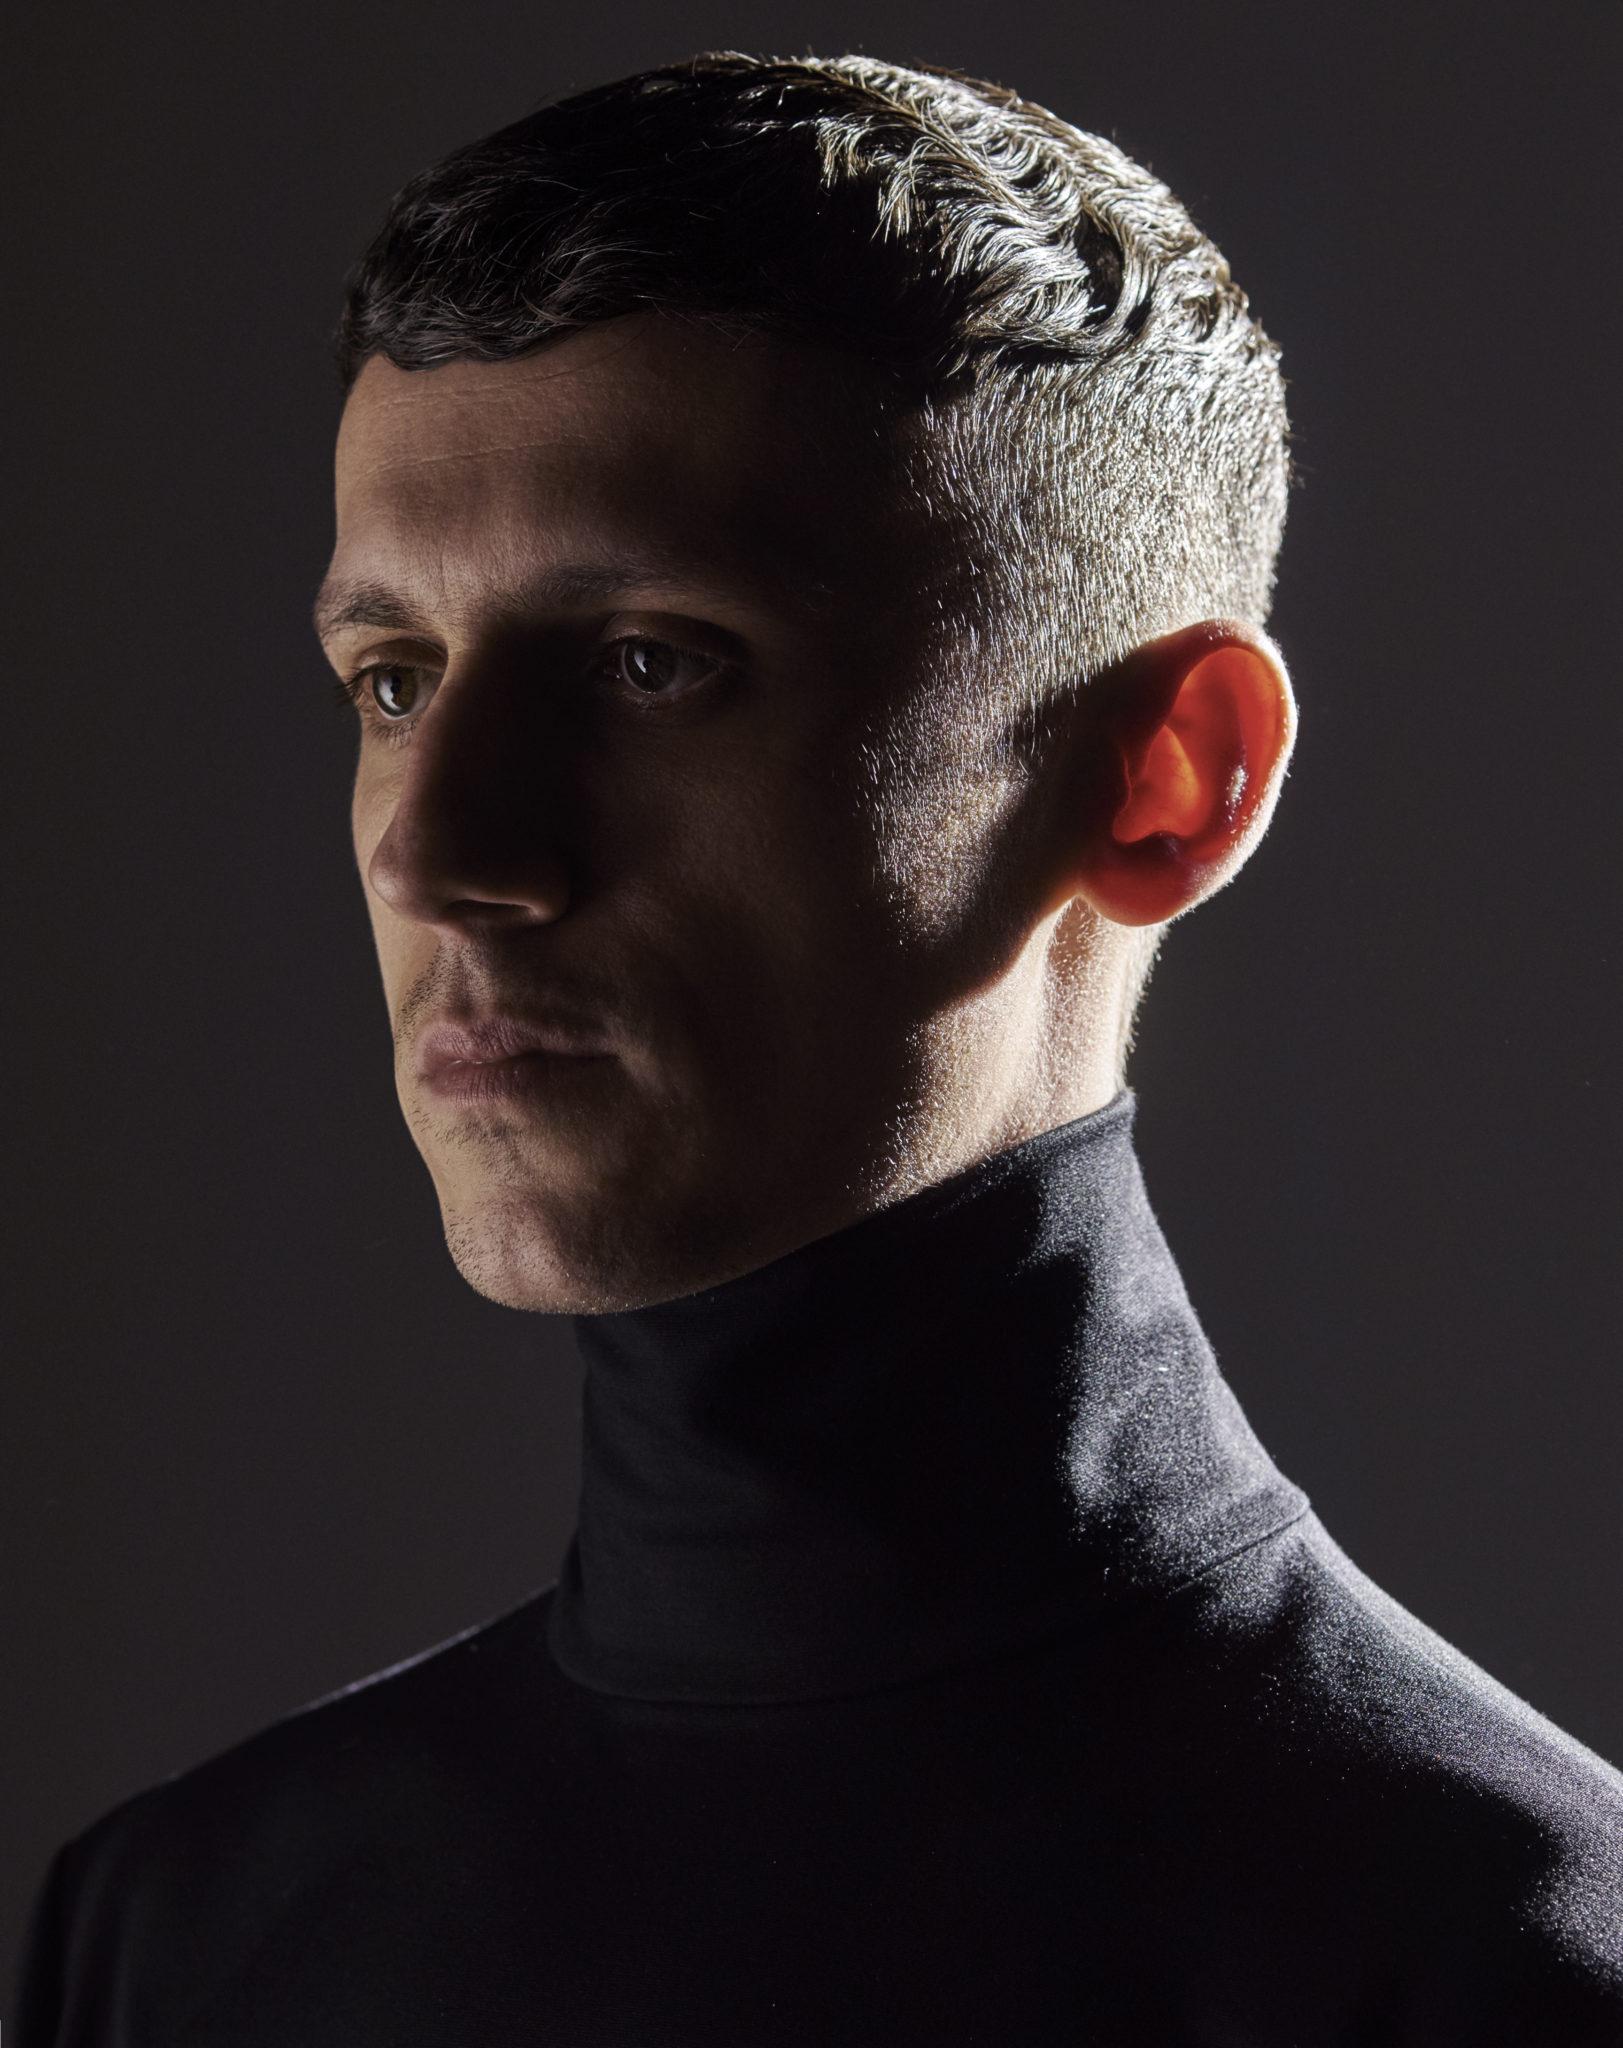 Ciemny profil mezczyzny ubranego w czarny golf na ciemnym tle